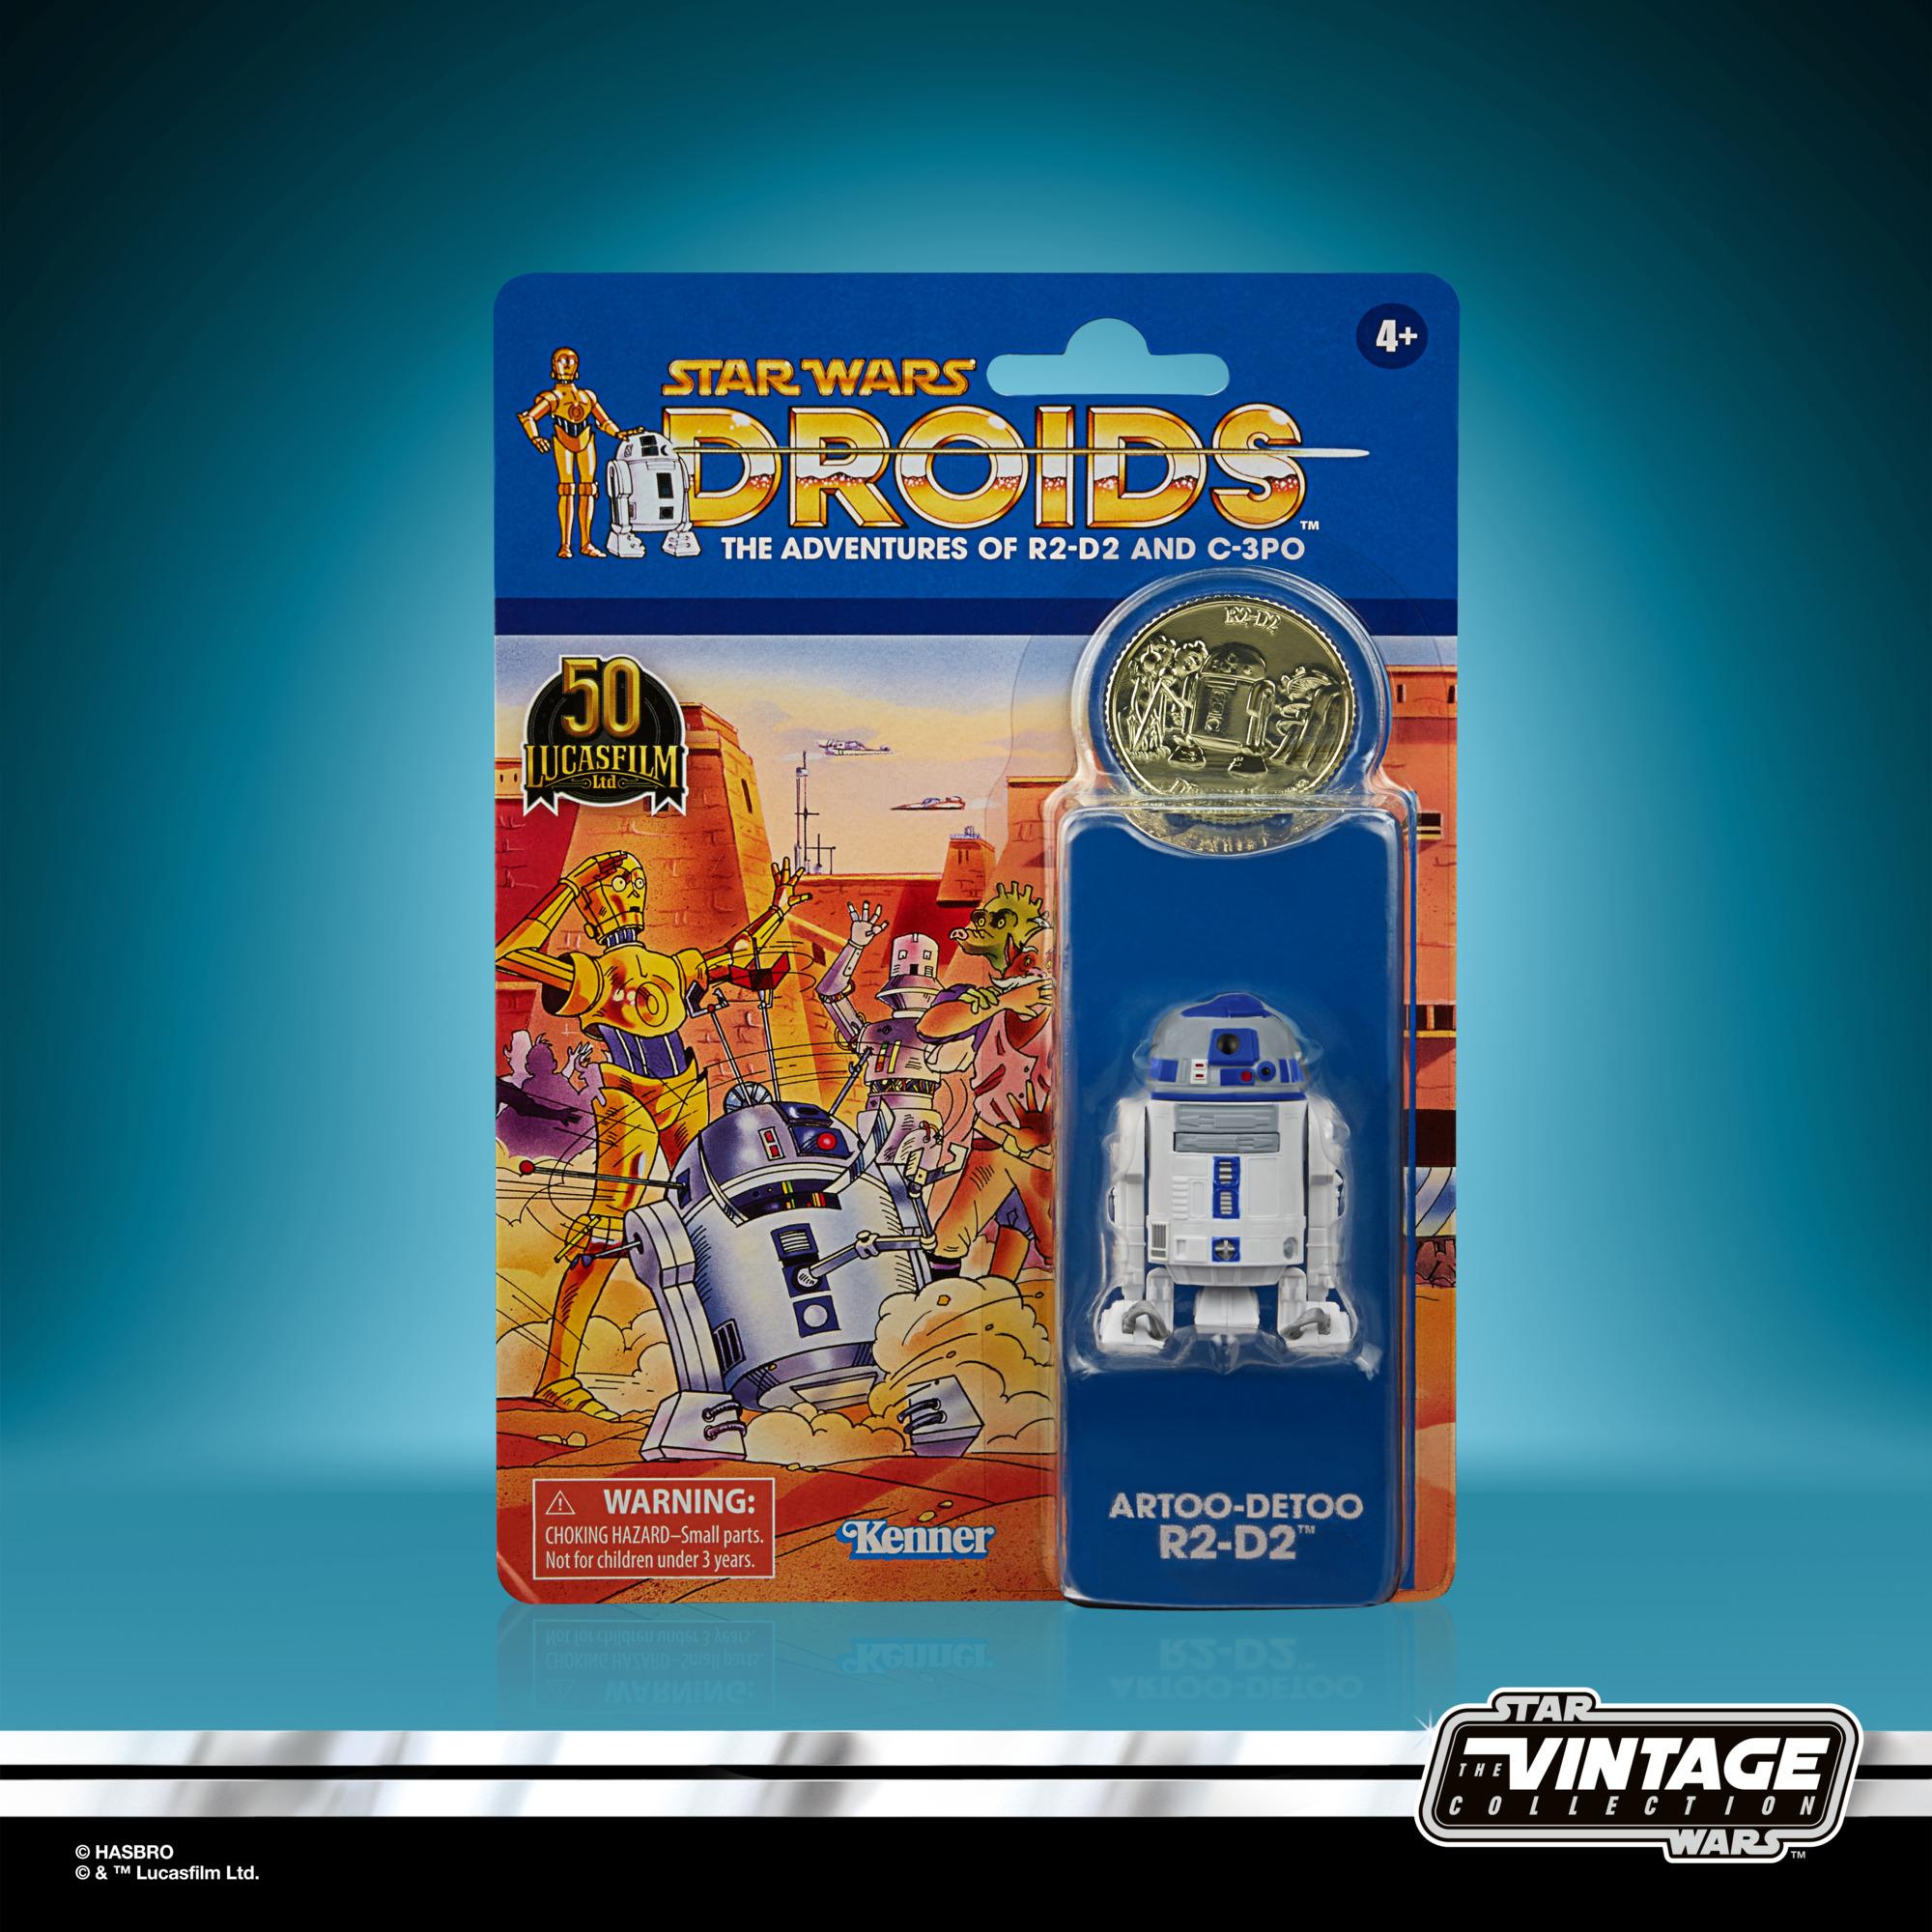 Star Wars: Droids Vintage Collection Actionfigur 2021 Artoo-Detoo (R2-D2) 10 cm F53105L00 5010993954407